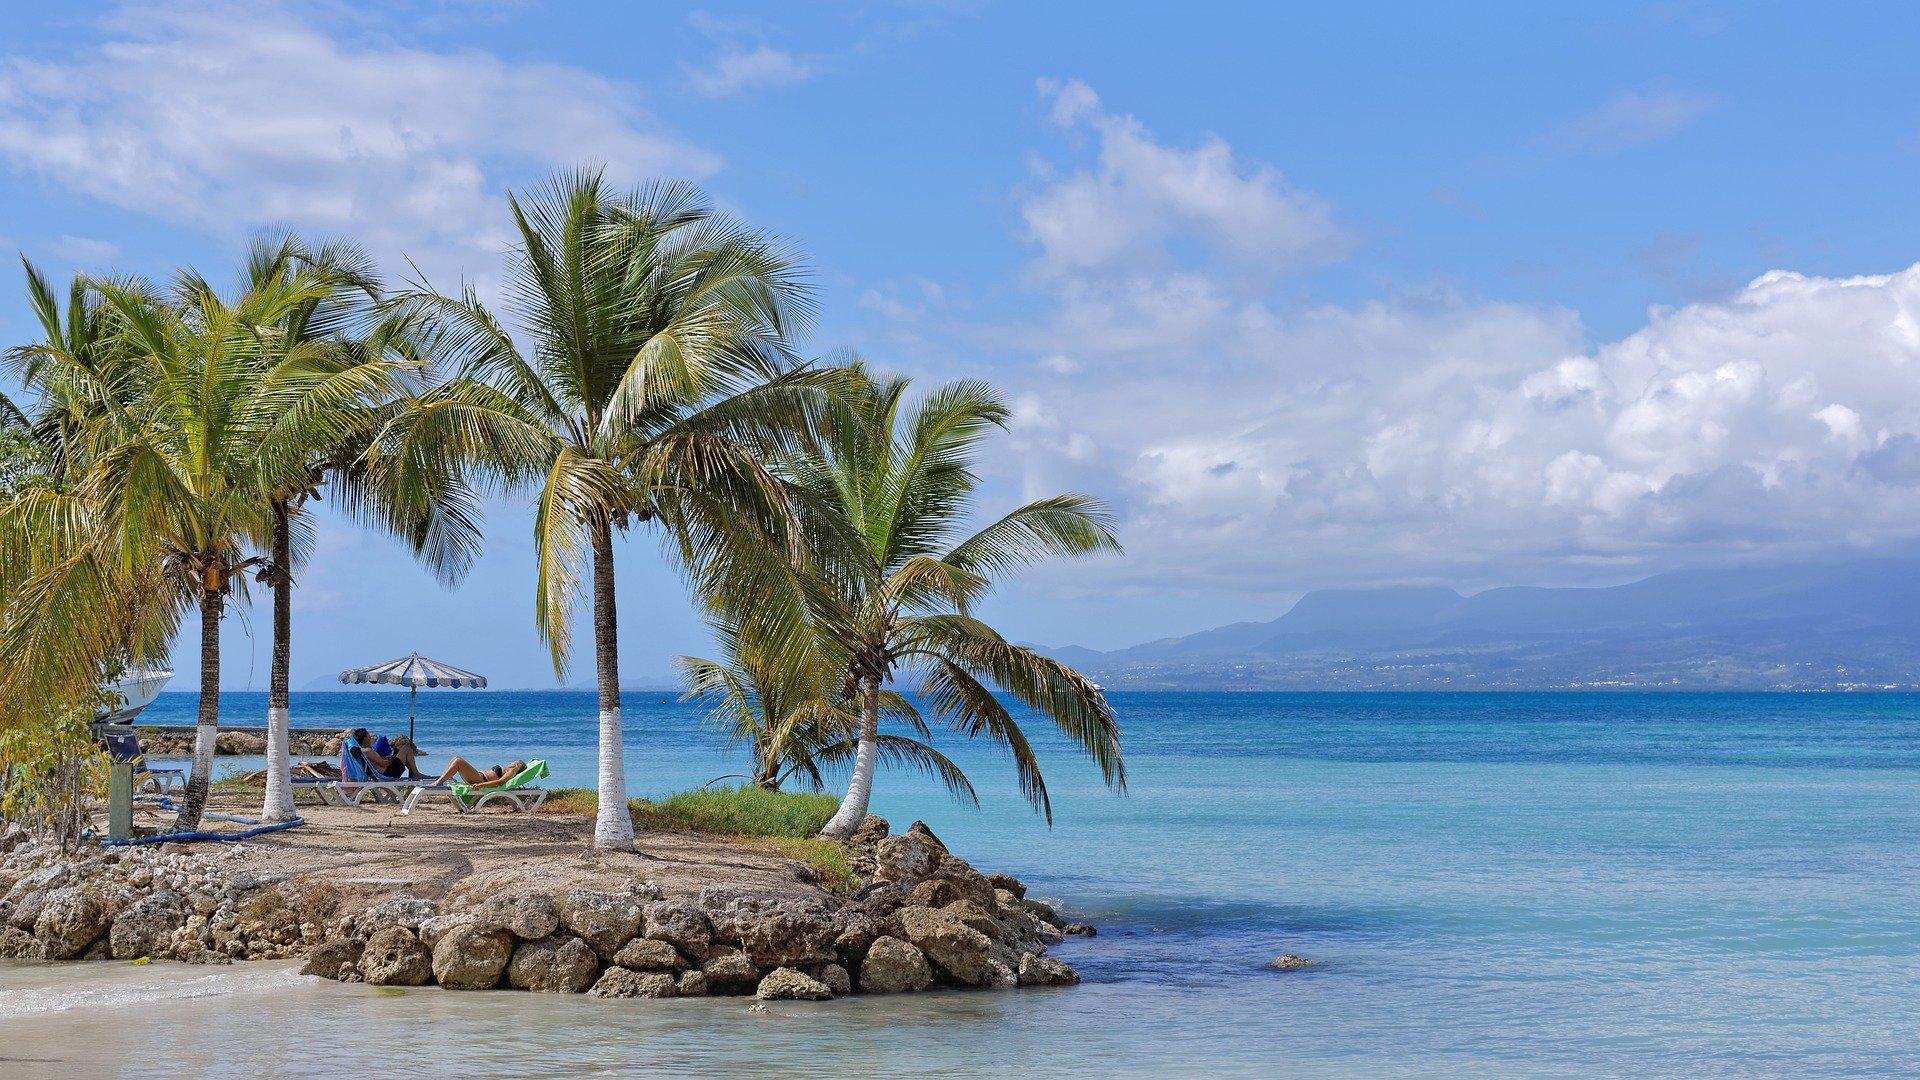 cocotiers sur la plage en guadeloupe